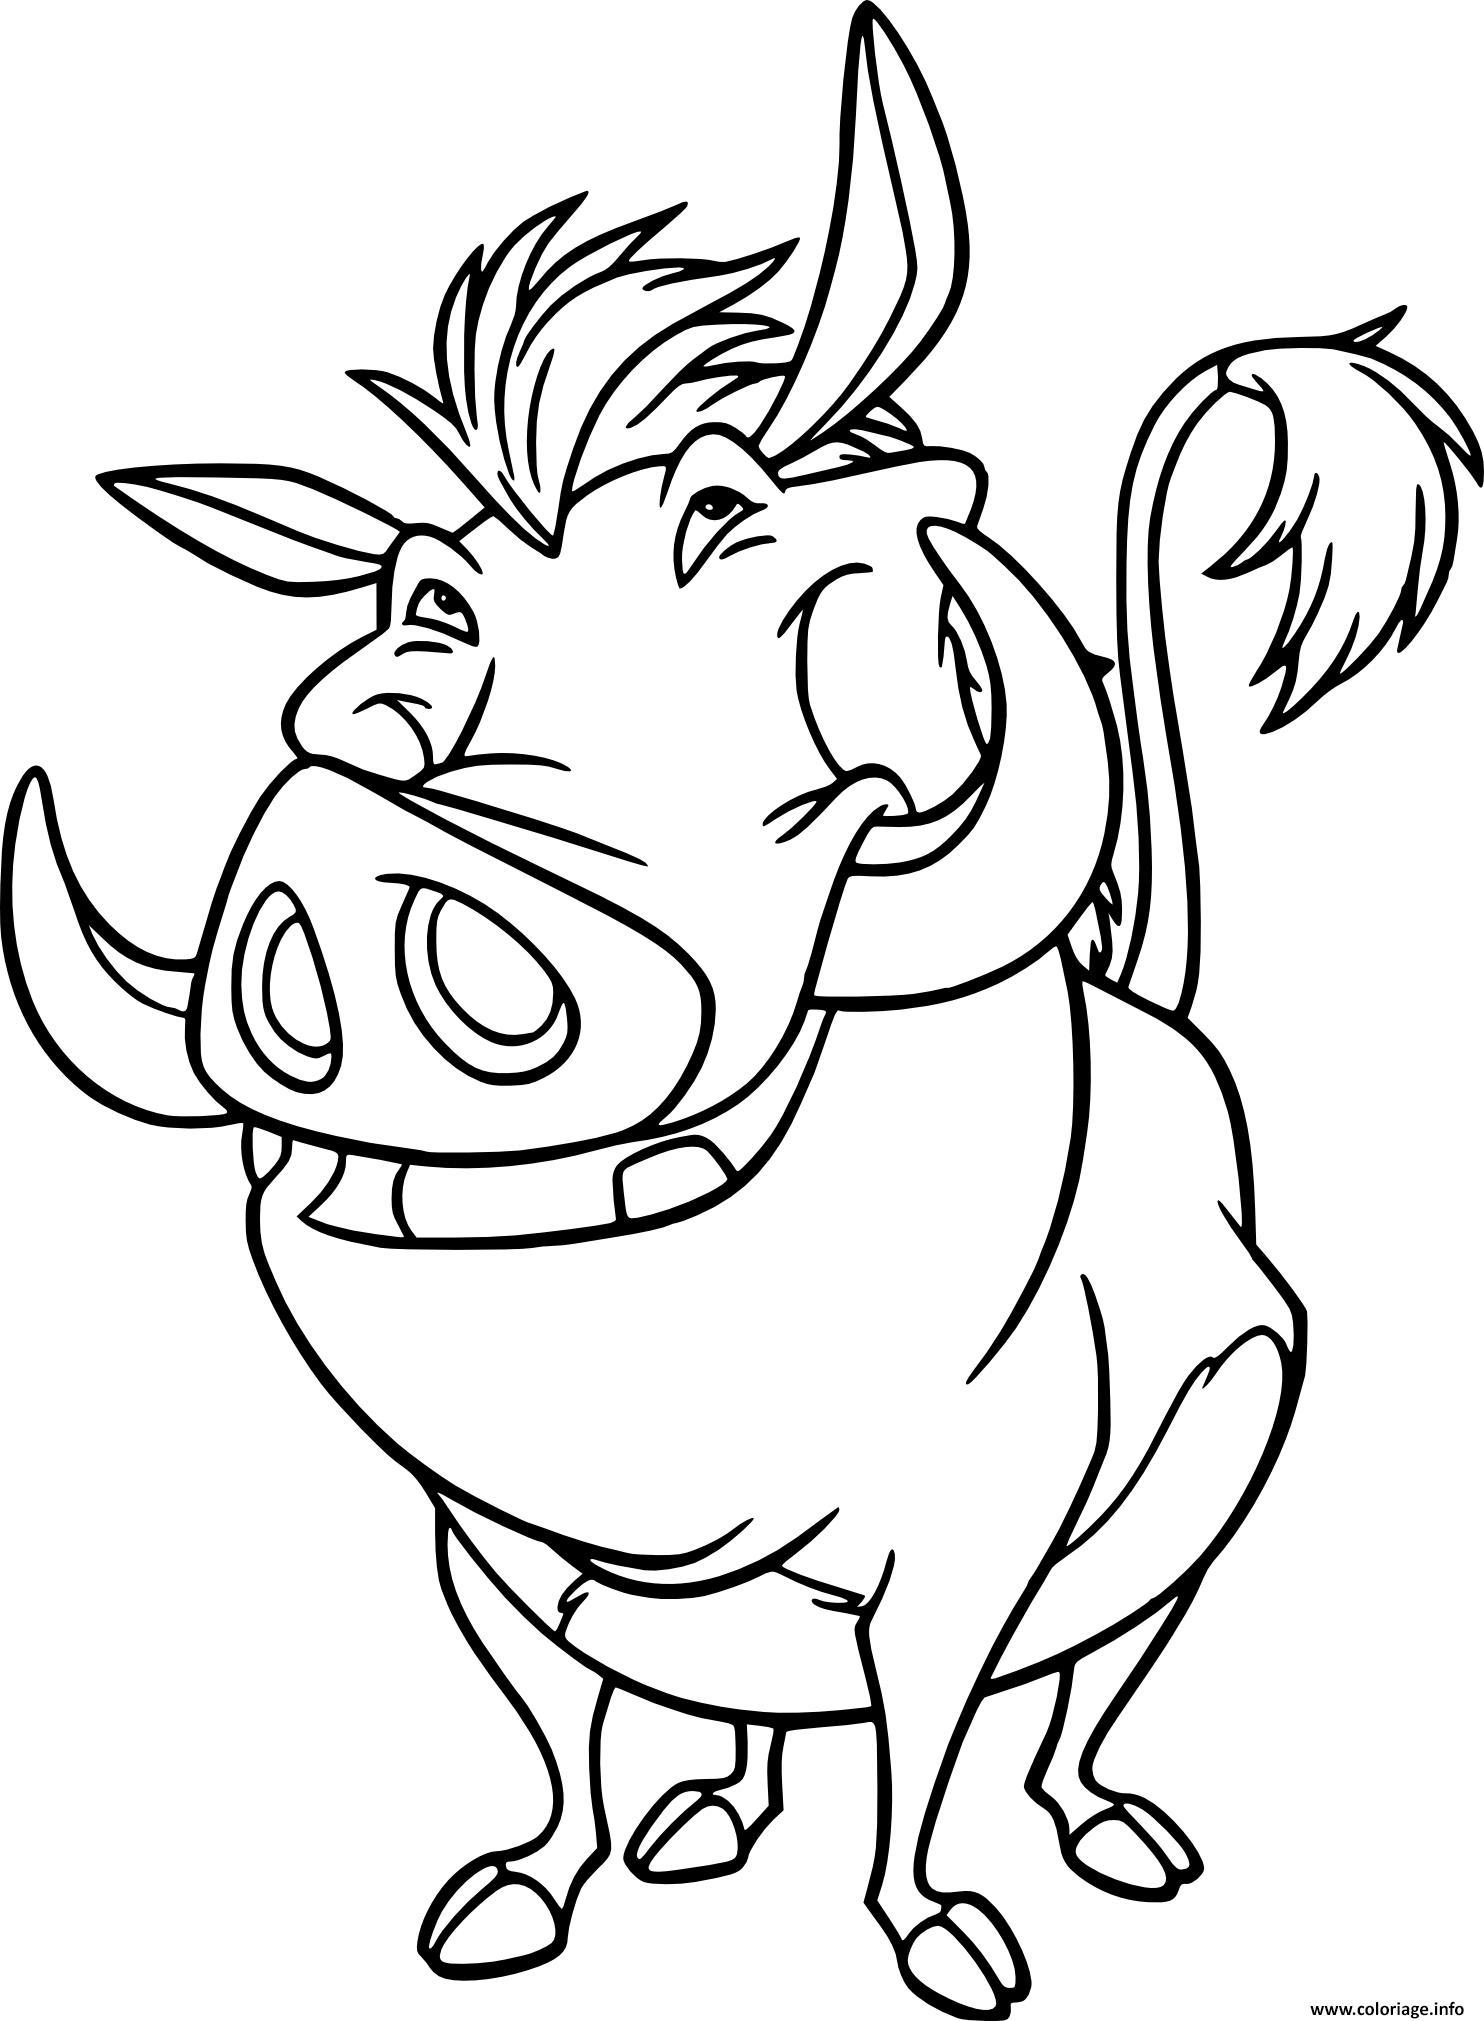 Dessin pumba un phacochere monsieur porc Coloriage Gratuit à Imprimer